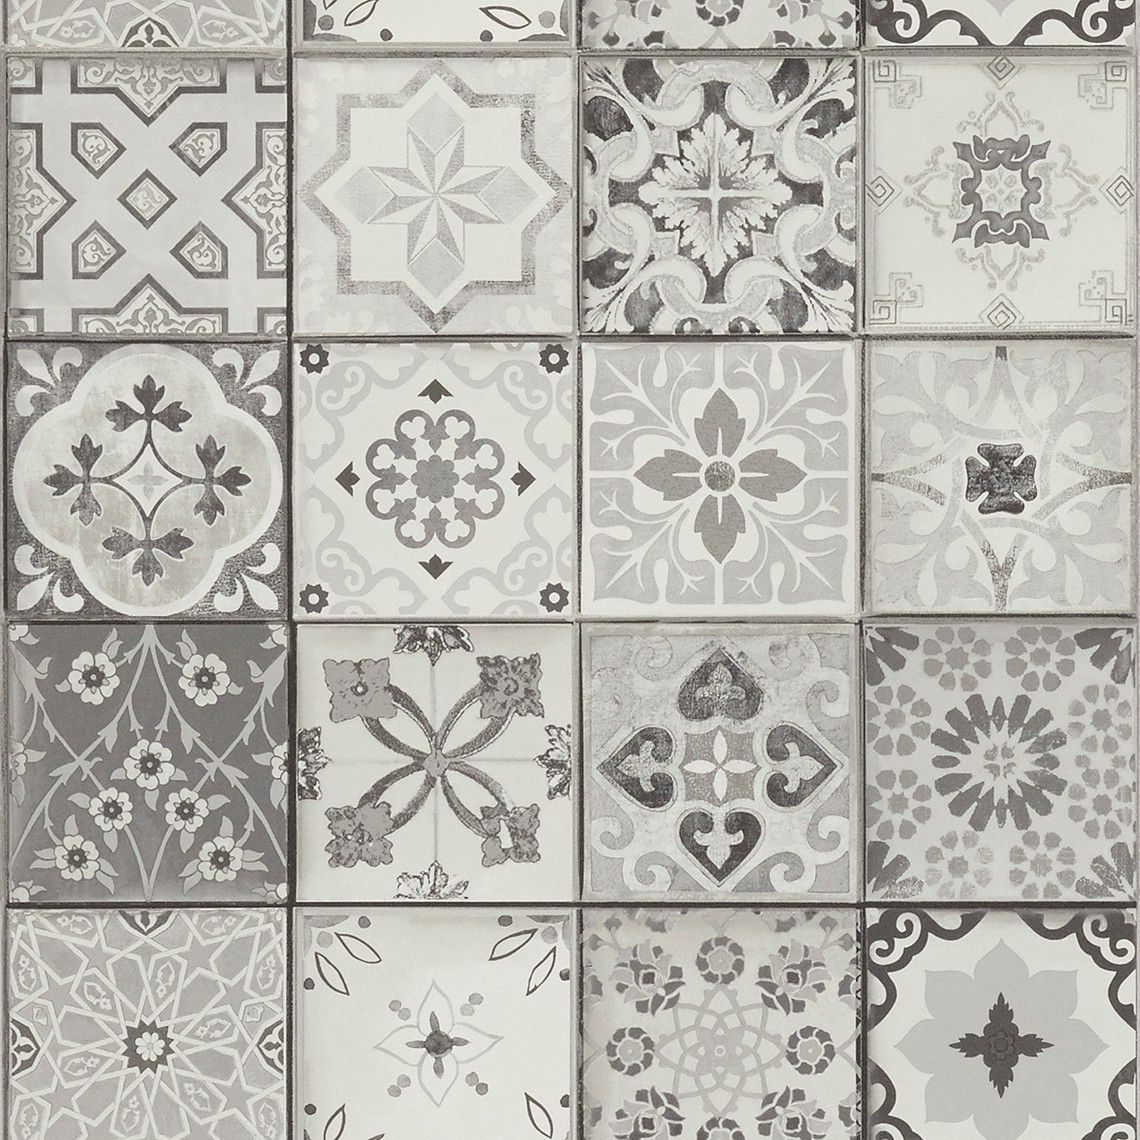 Papier Peint Carreaux Vinyle Sur Intisse Imitation Carreaux De Ciment Gris Imitation Carreaux De Ciment Papier Peint Papier Peint Gris